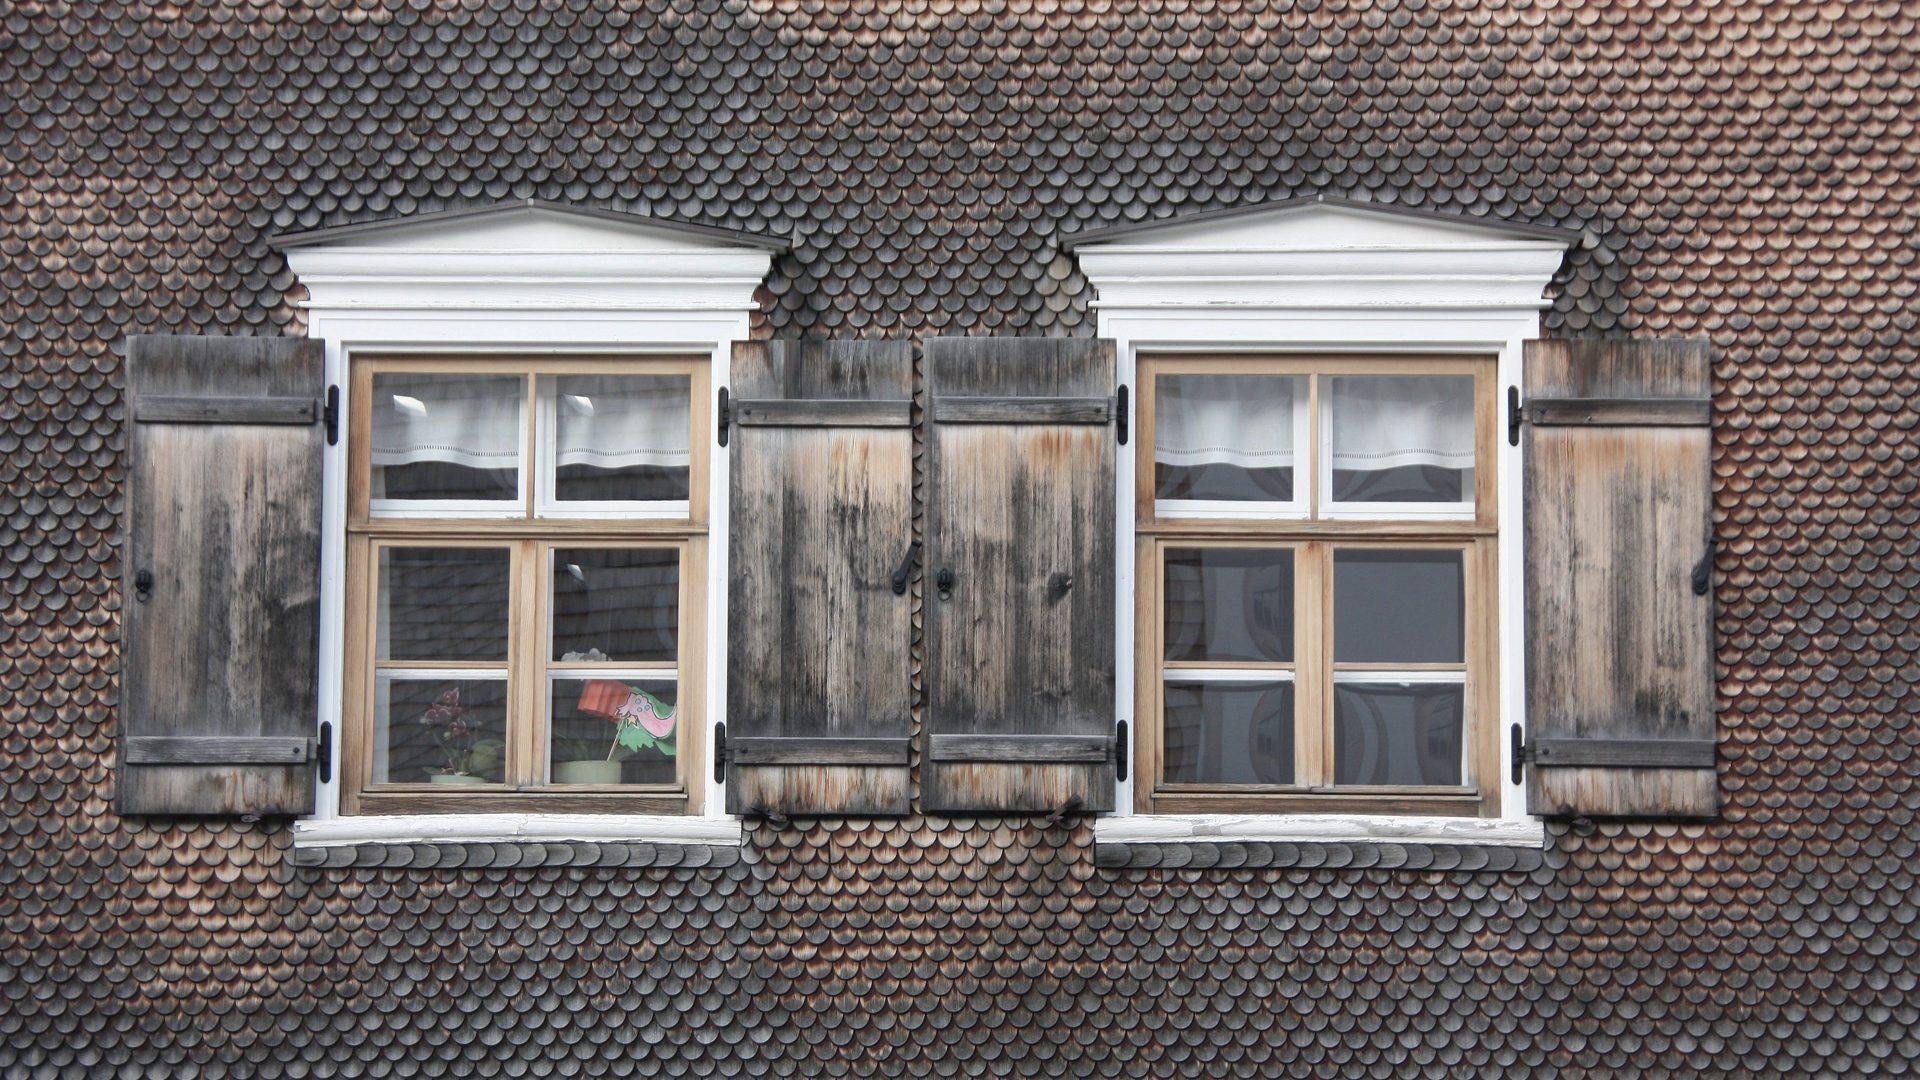 Schmuck am schmucken Haus - Bregenzerwald in Vorarlberg